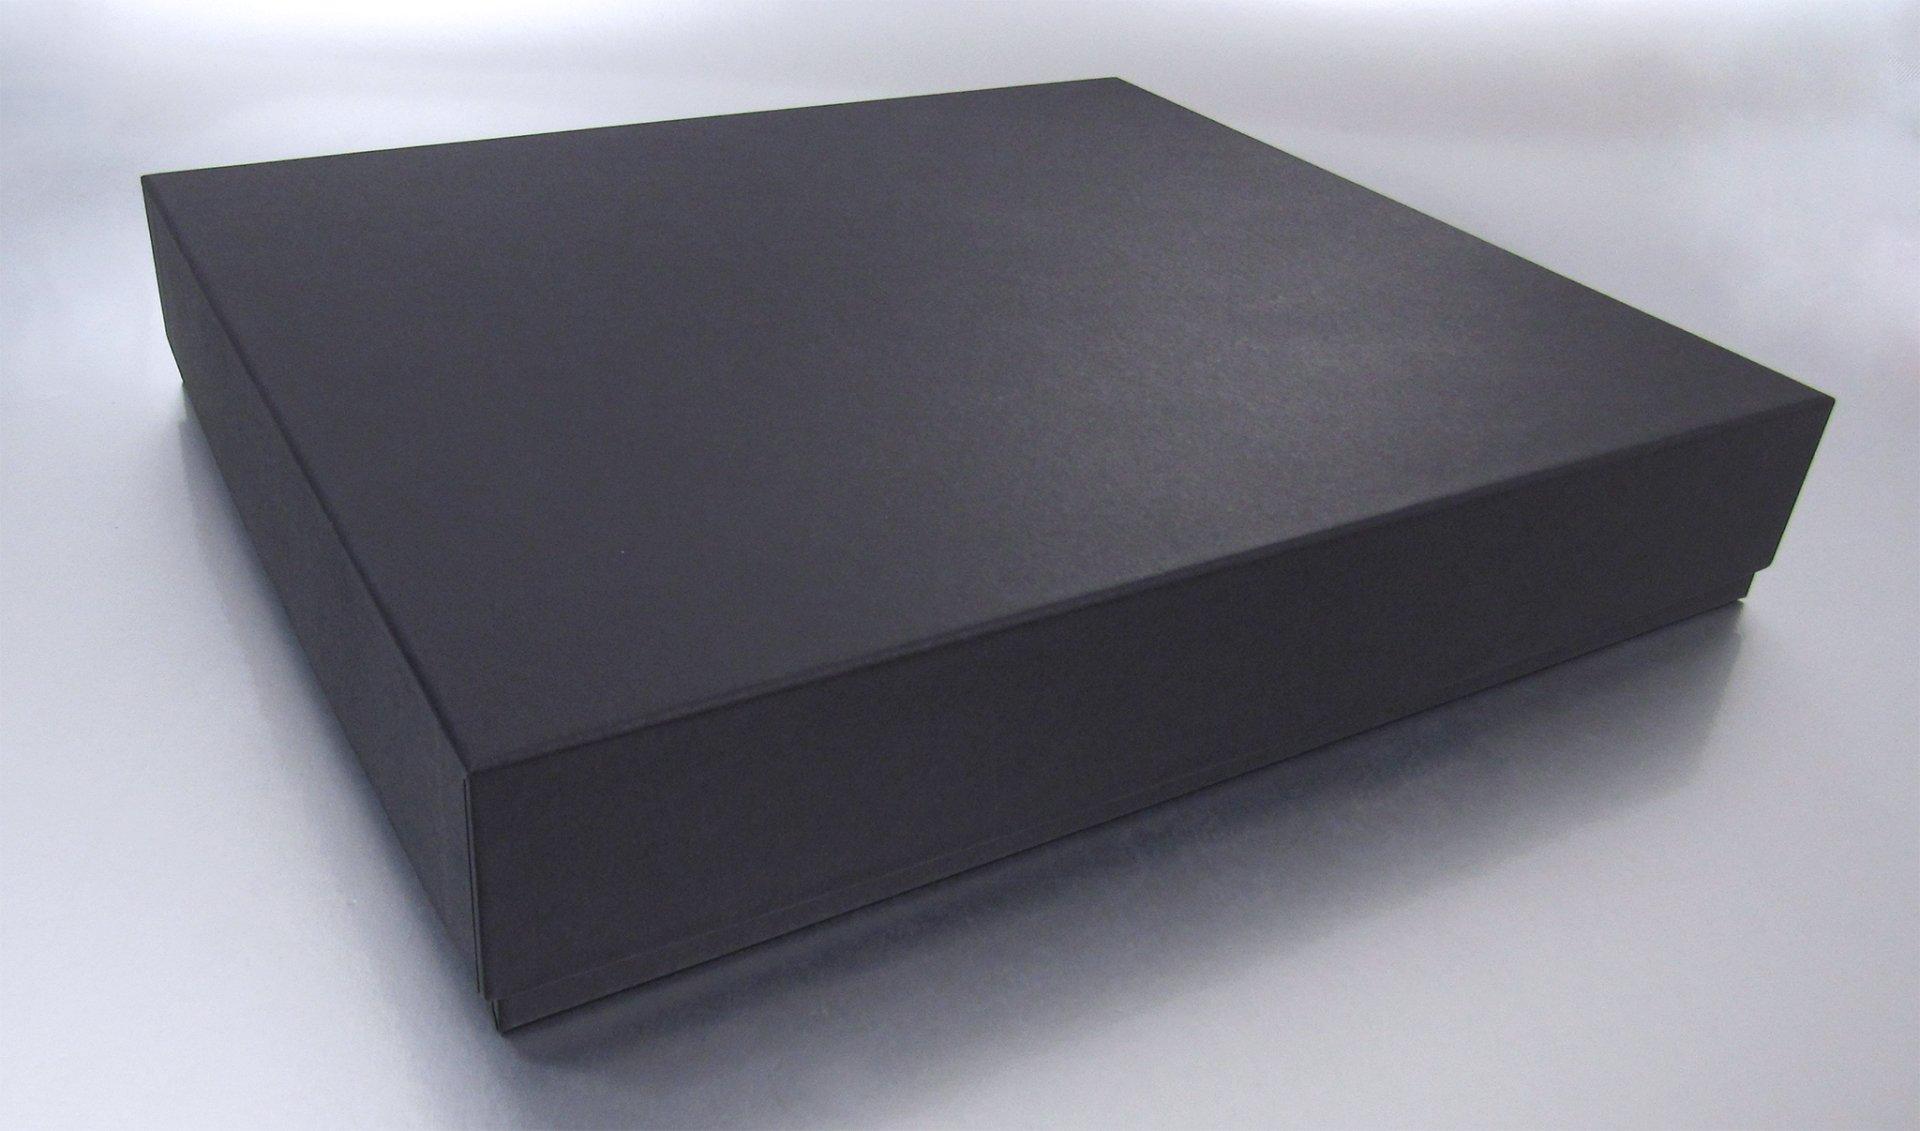 It's box shaped